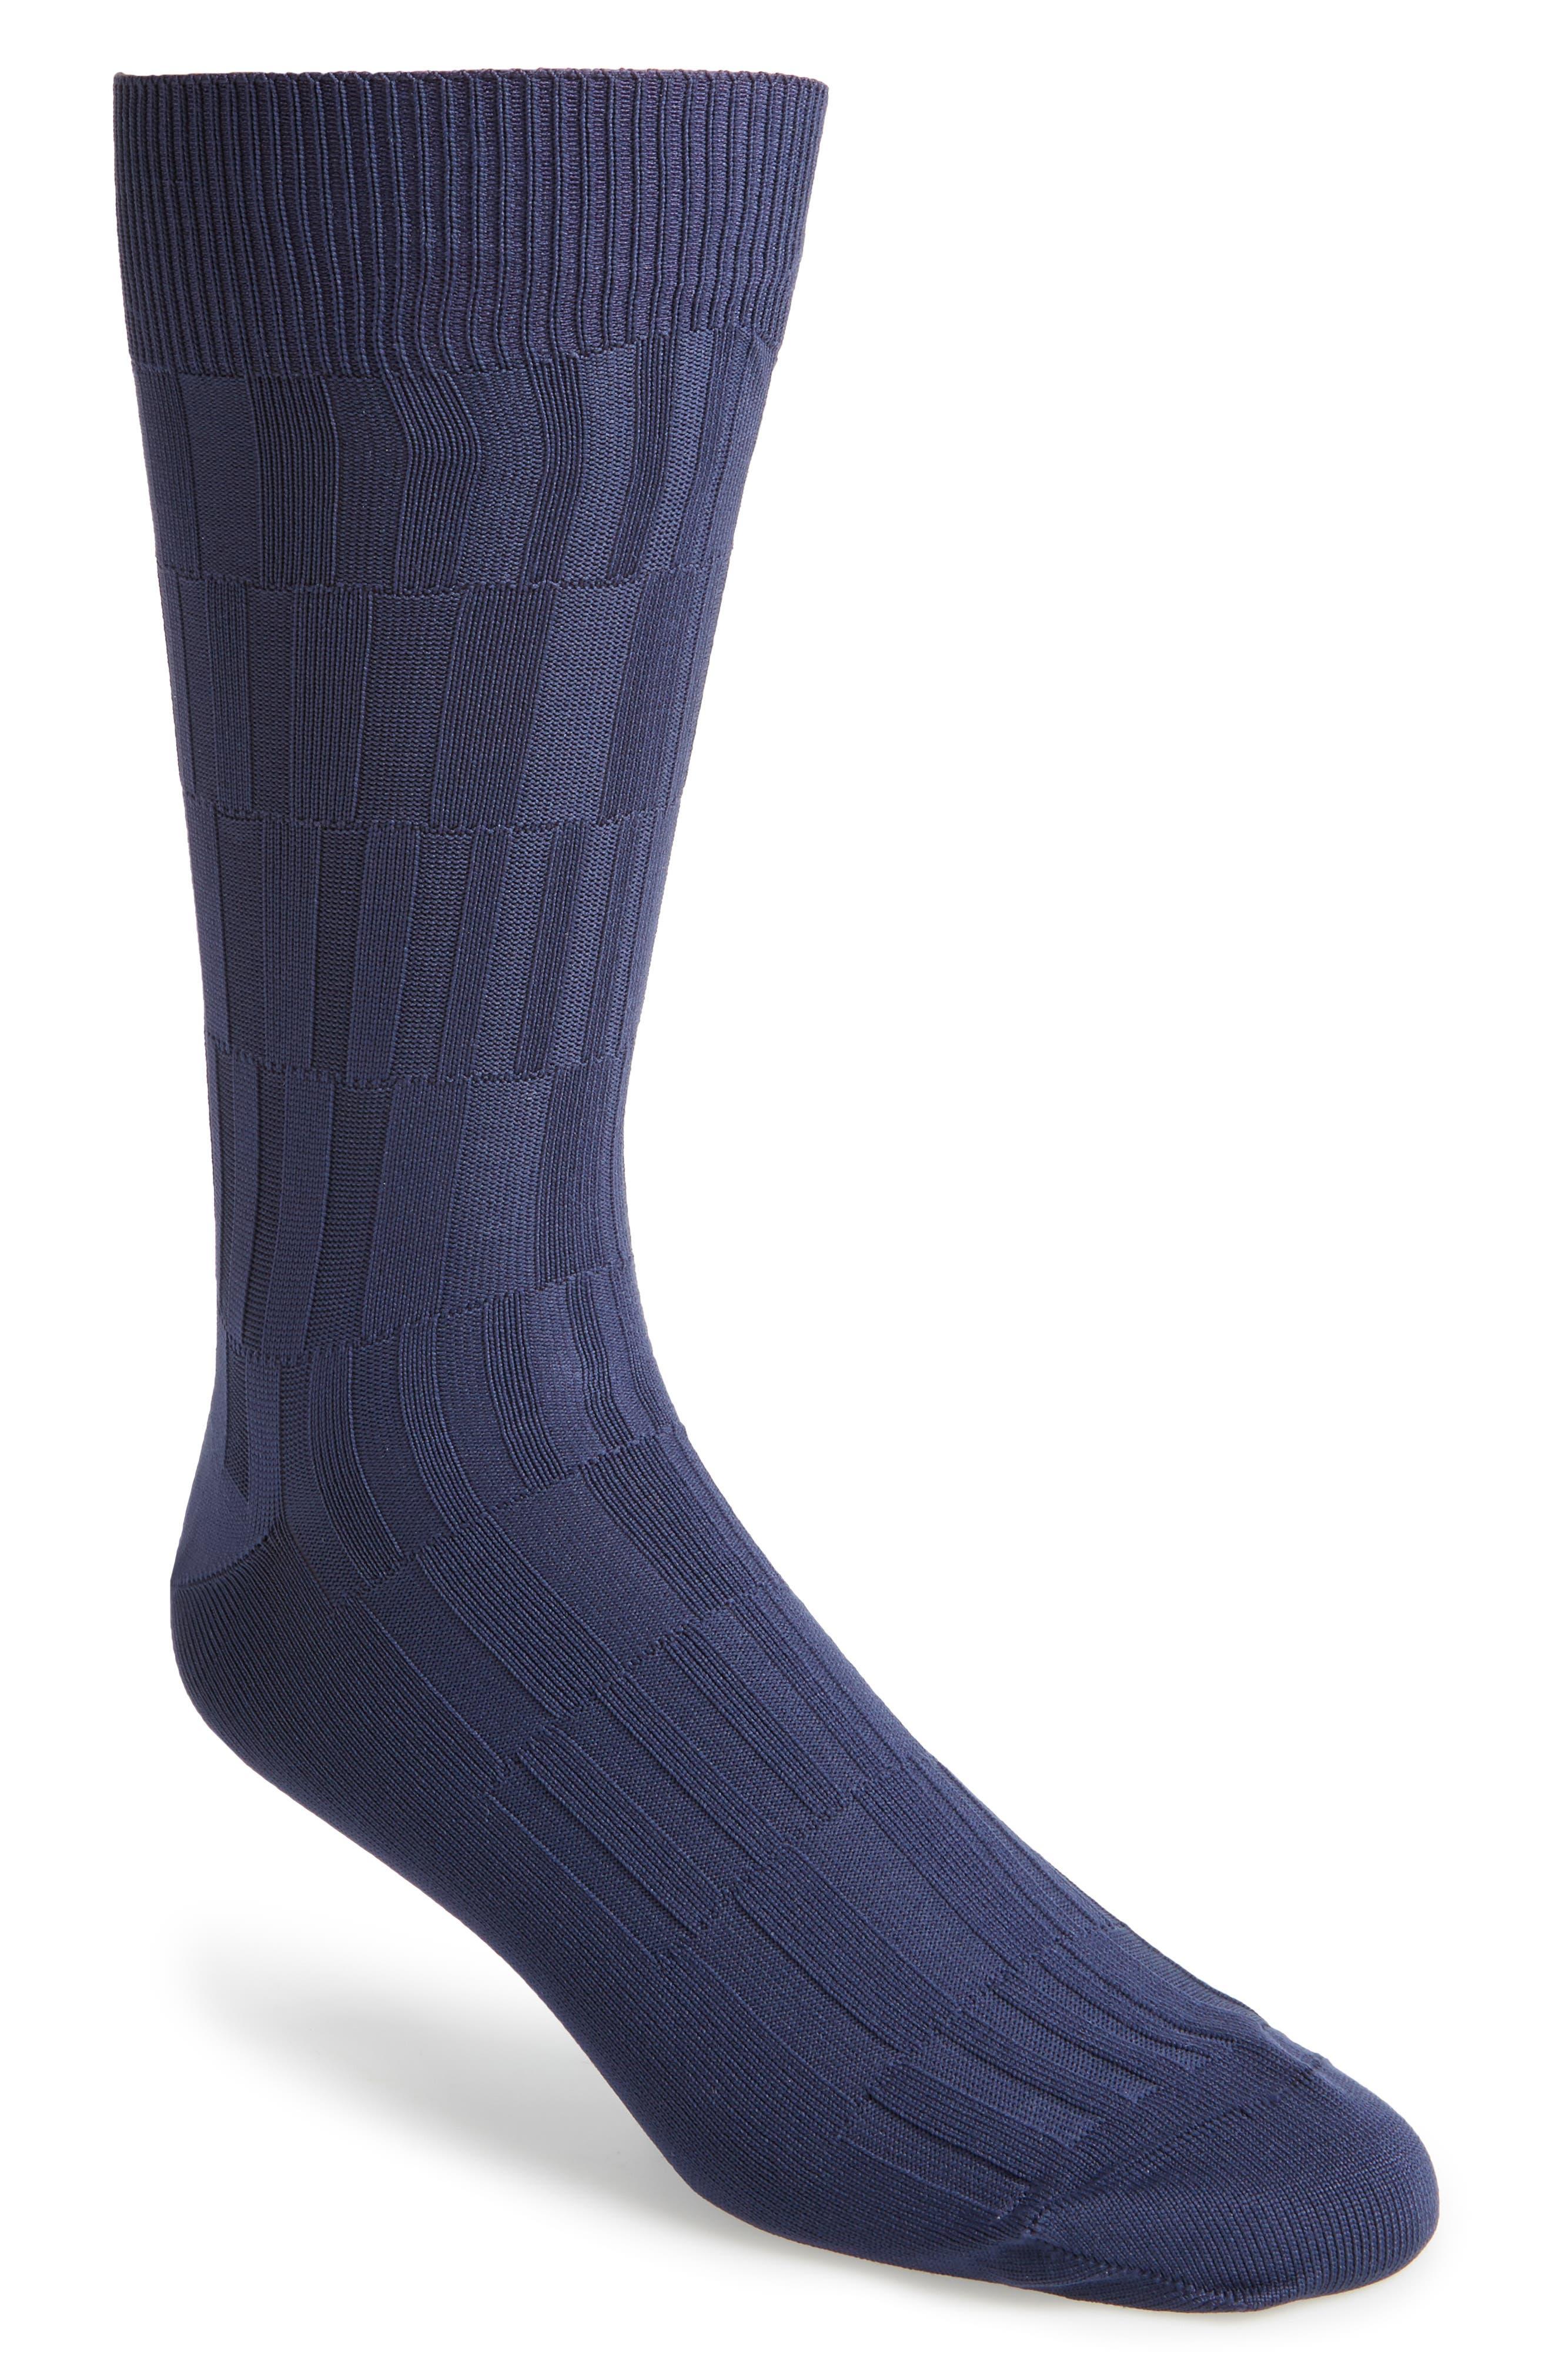 Bar Texture Socks,                             Main thumbnail 2, color,